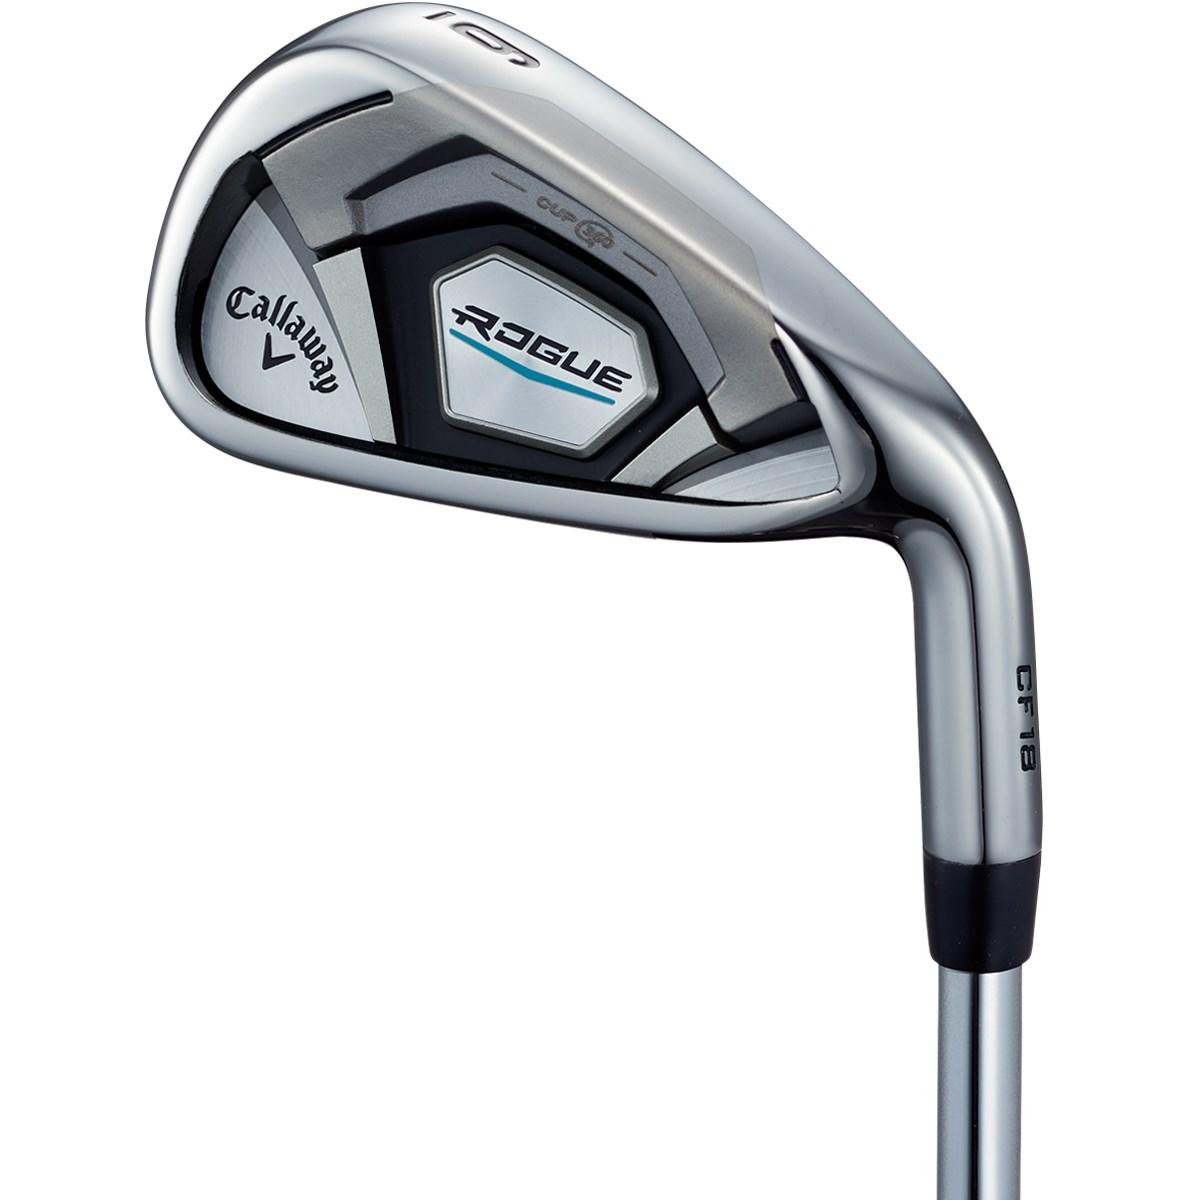 キャロウェイゴルフ(Callaway Golf) ローグ アイアン(6本セット) N.S.PRO MODUS TOUR 105